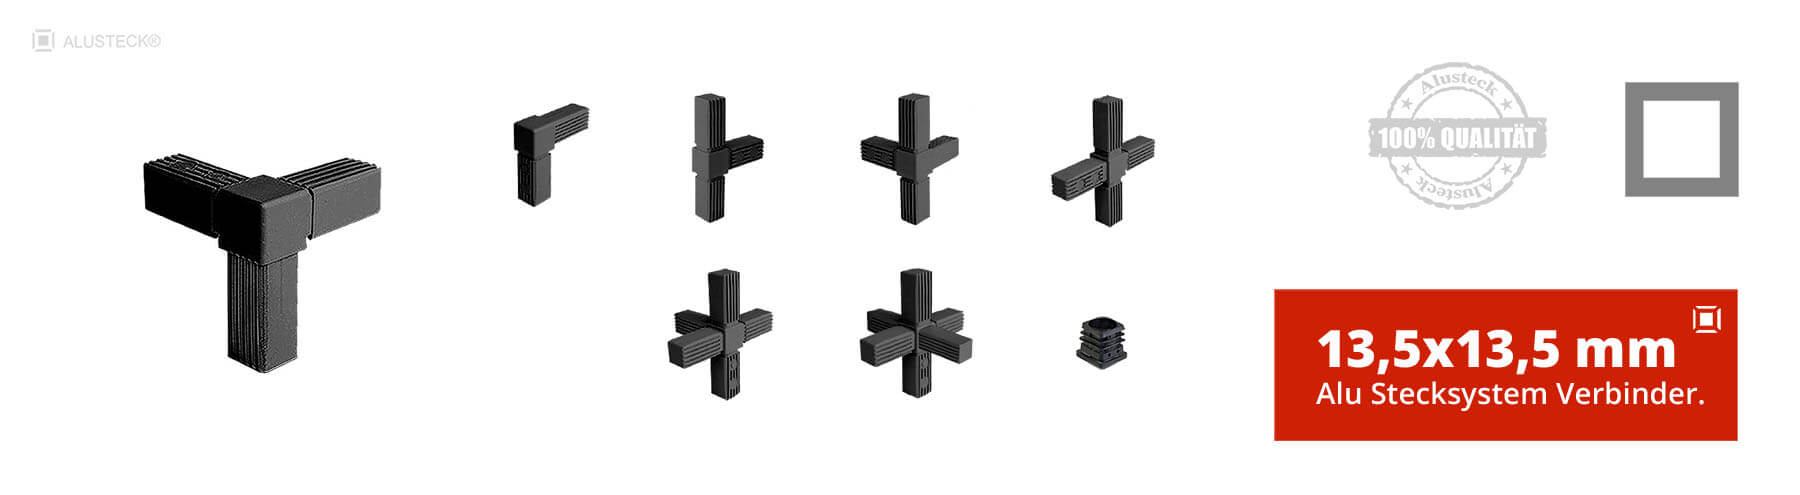 Steckverbinder Rohrverbinder Vierkantverbinder 13,5x13,5mm Stecksystem Onlineshop kaufen